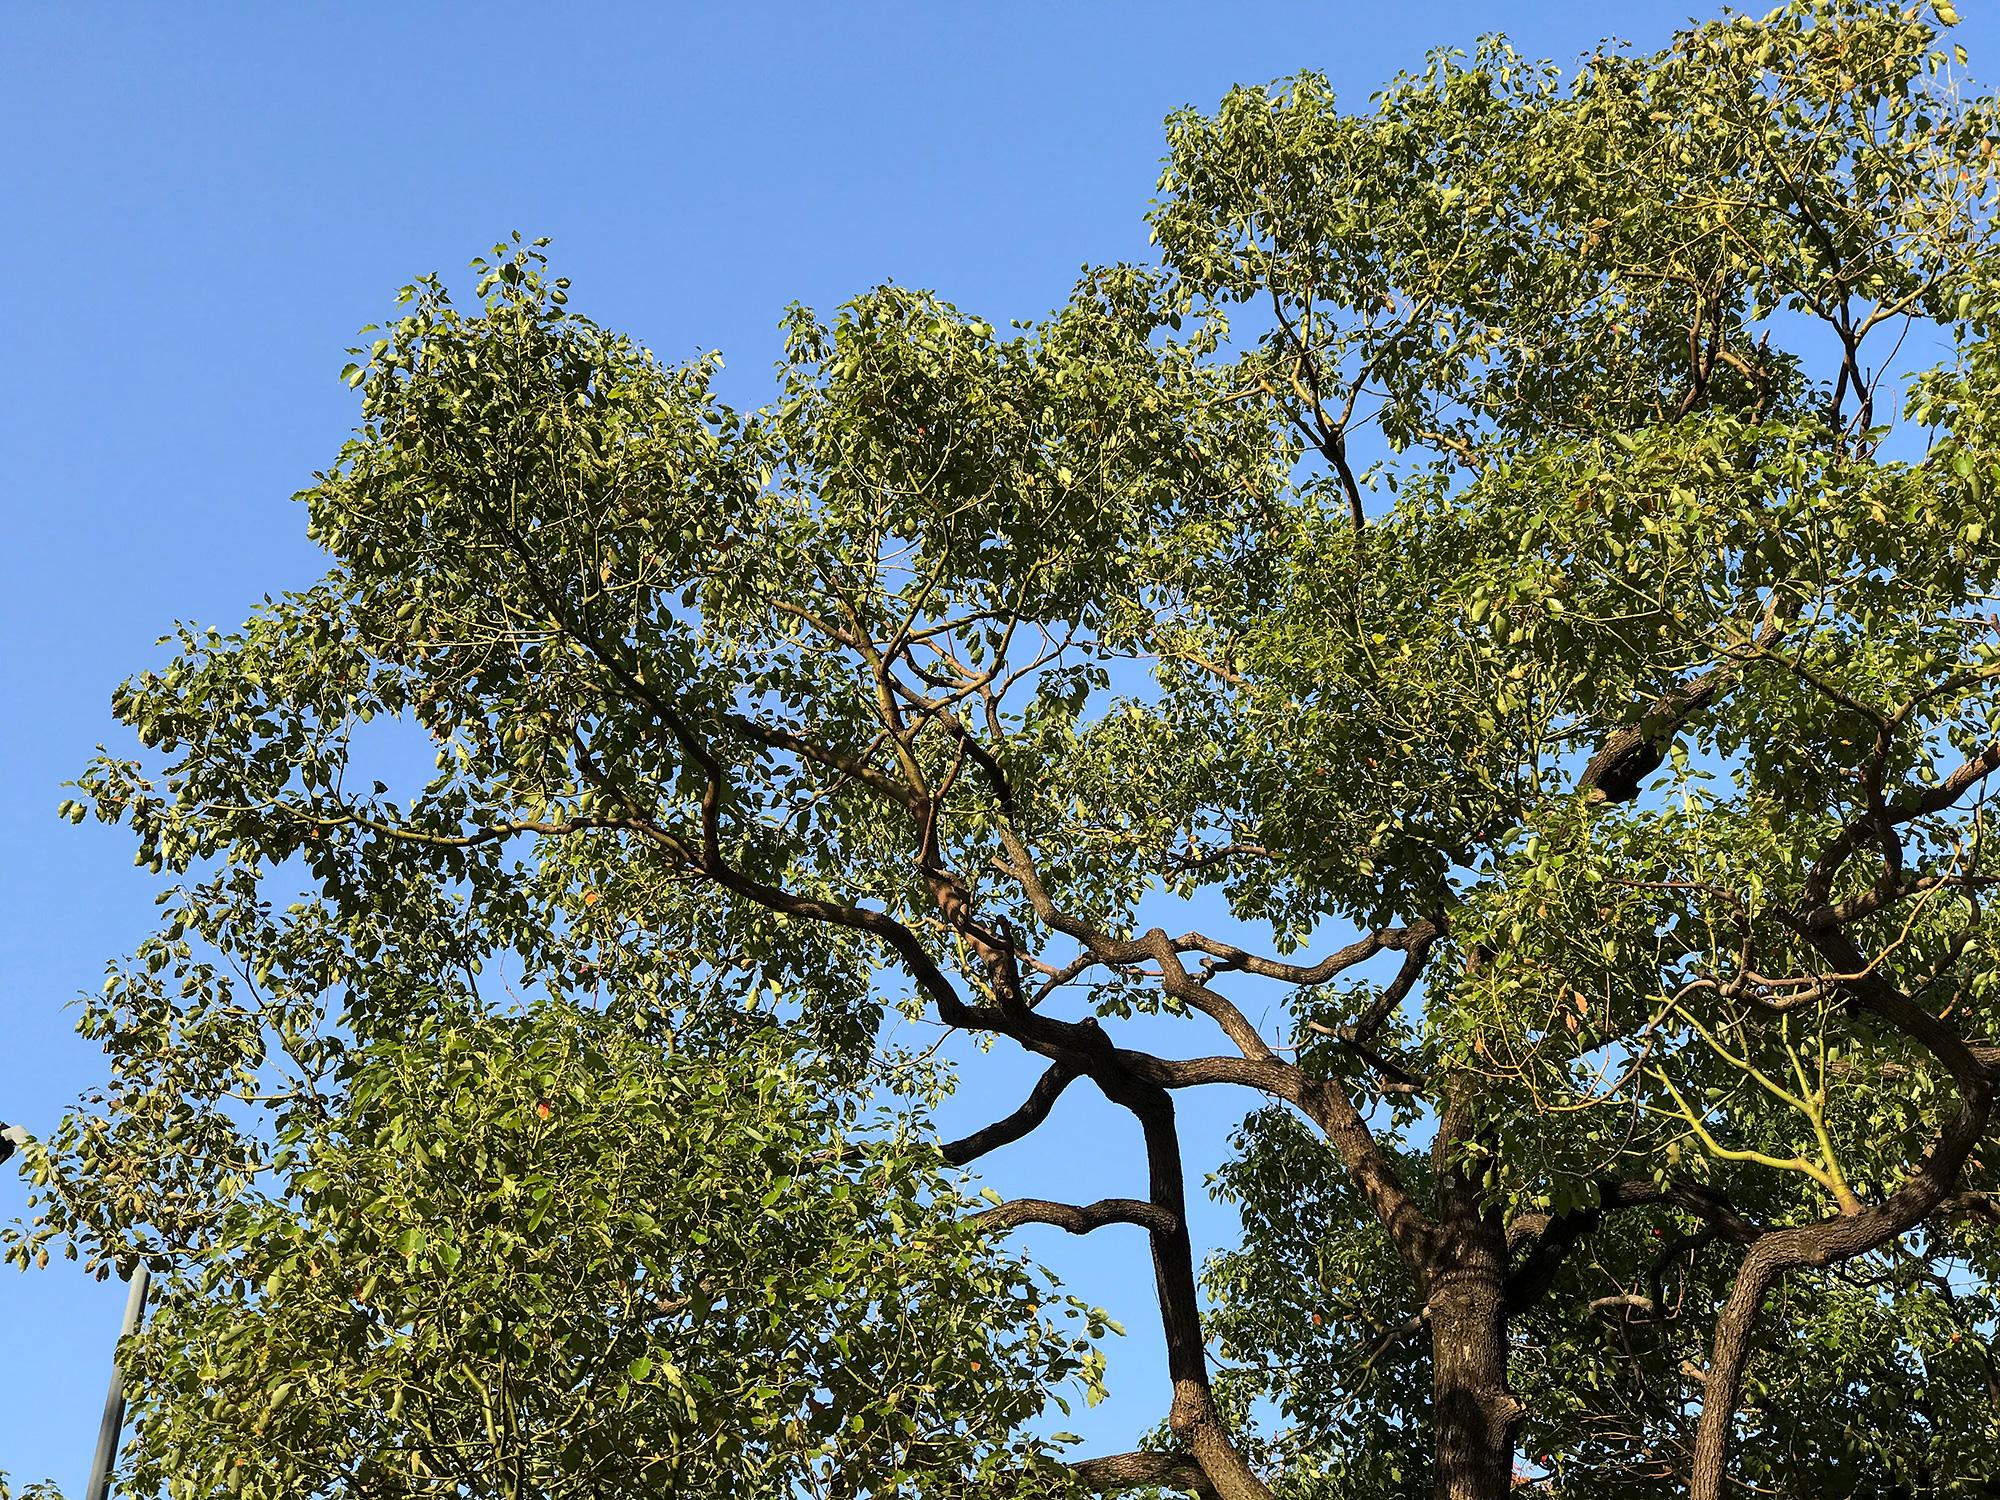 街路樹のフリーの画像素材